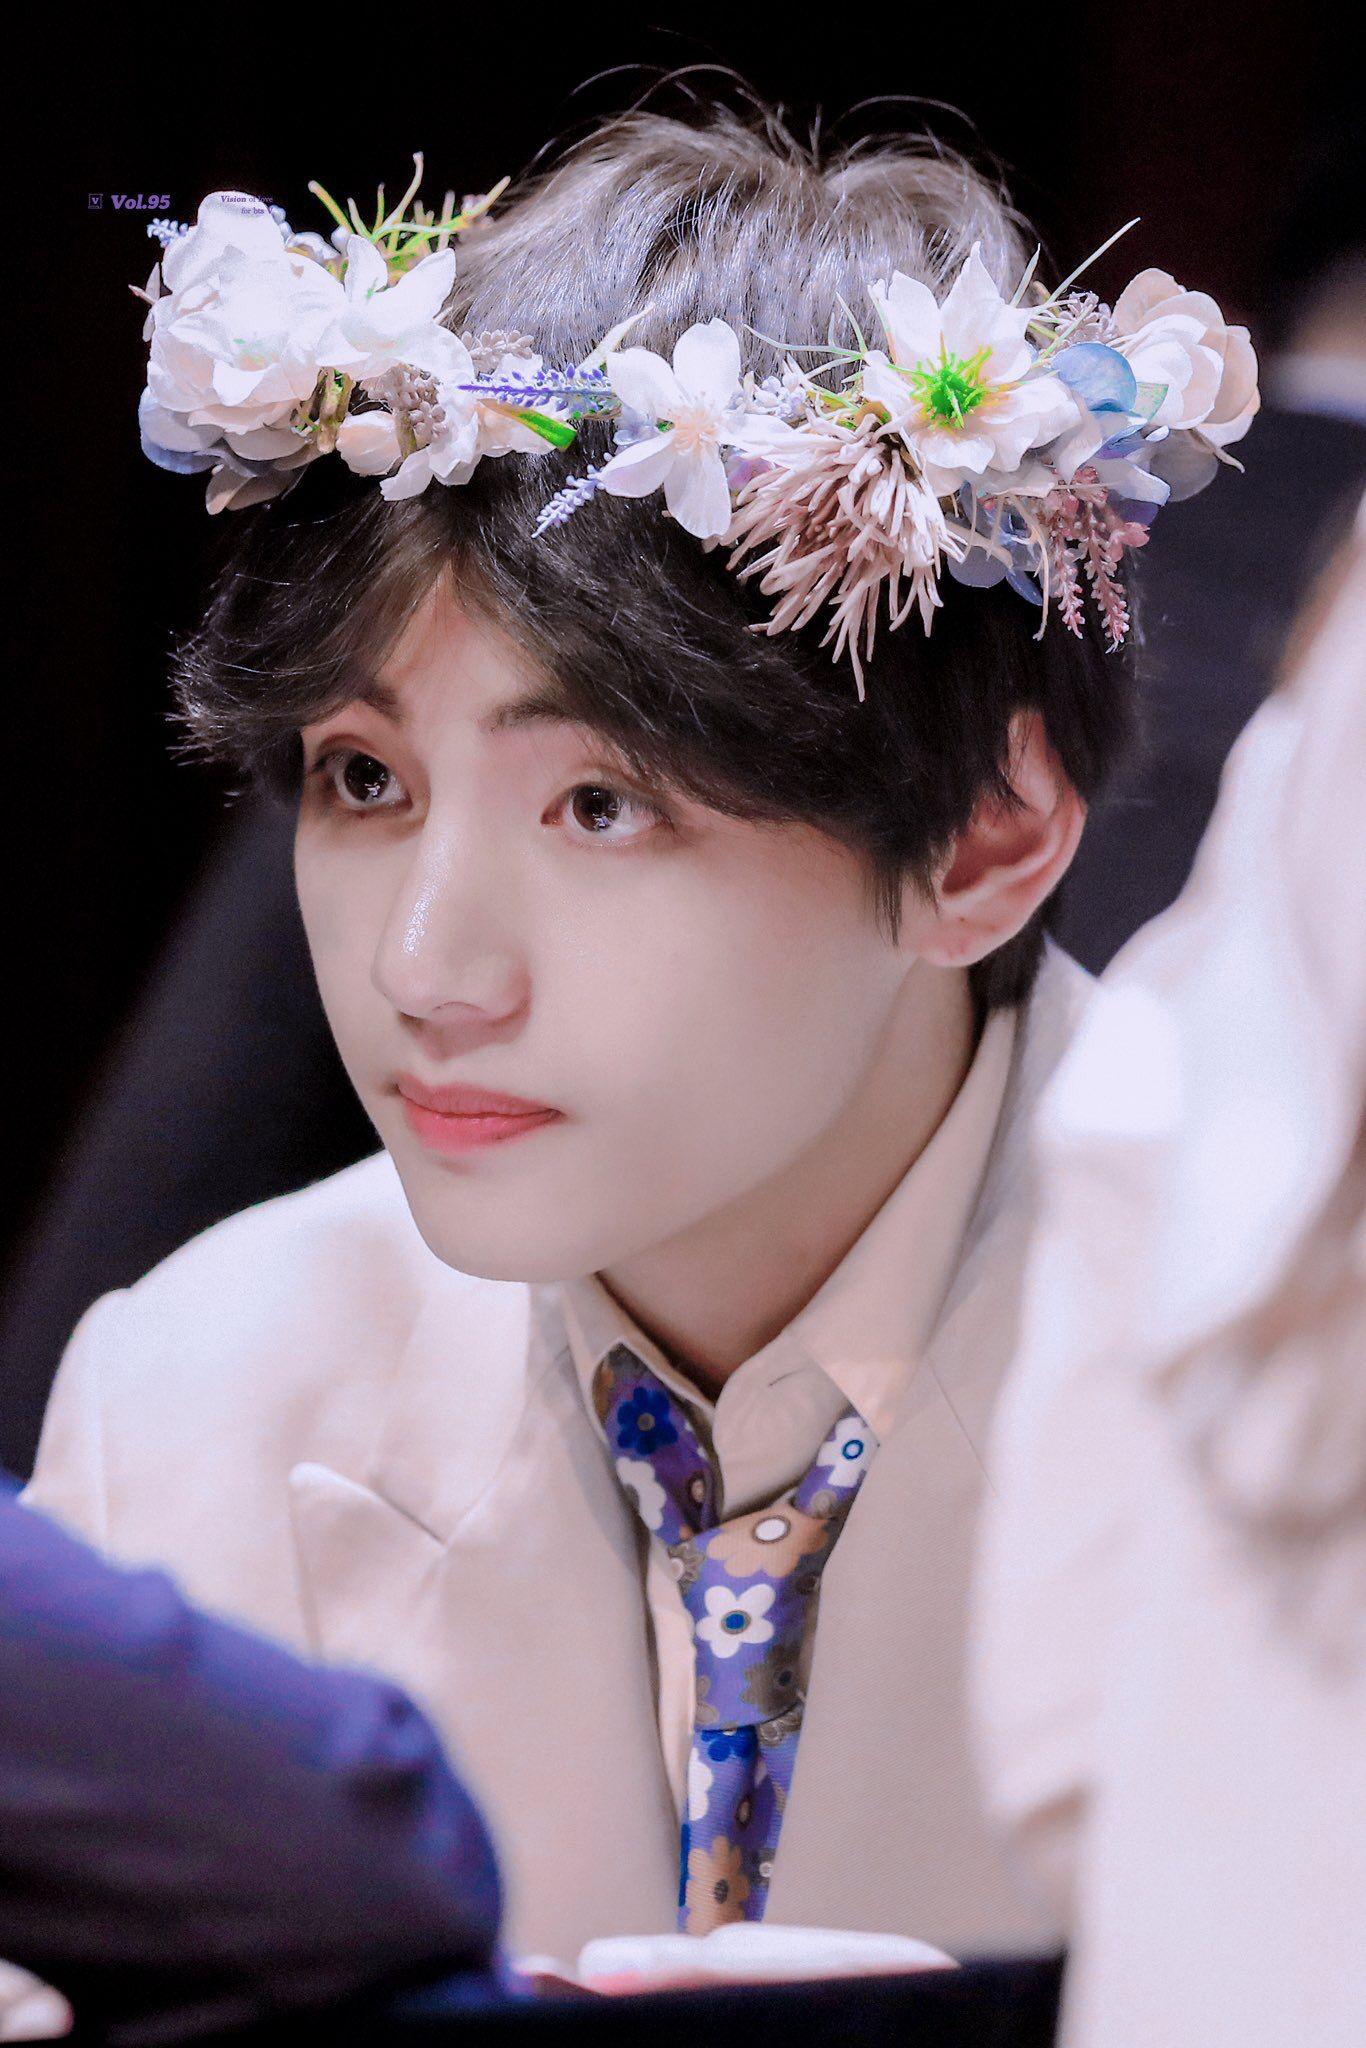 190425 신촌 엠투유 v taehyung kimtaehyung bts 뷔 태형 김태형